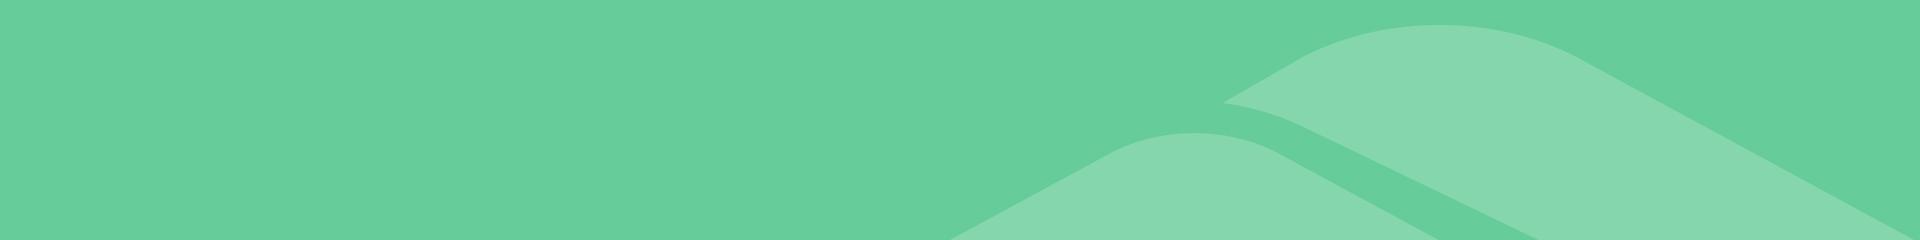 subsubheader-green.jpg